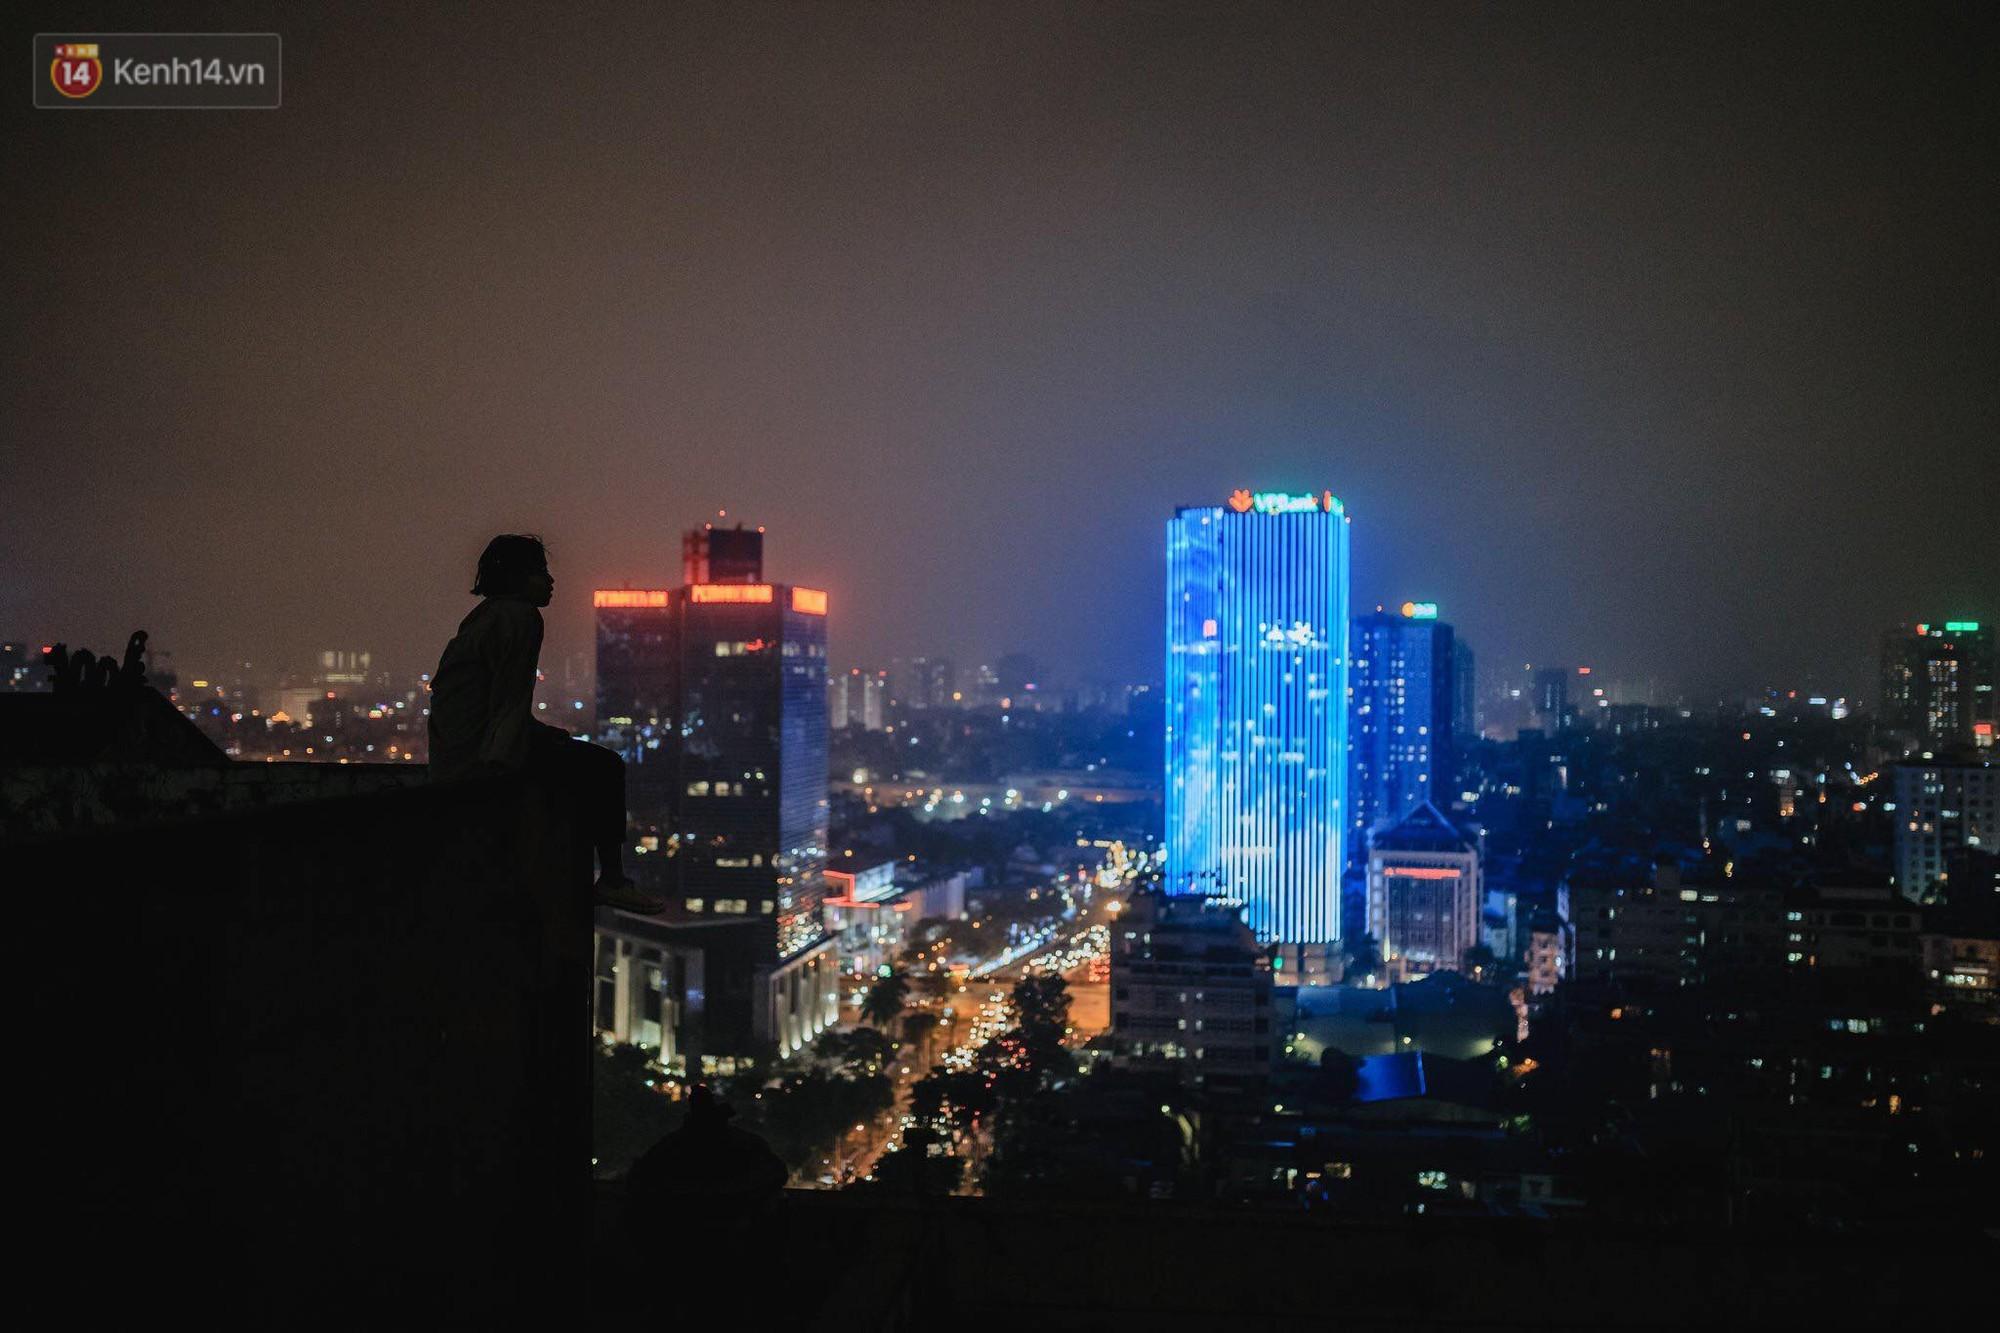 Xuất hiện trên CNN, thủ đô Hà Nội được bạn bè quốc tế tấm tắc khen vì xinh đẹp, bình yên-8